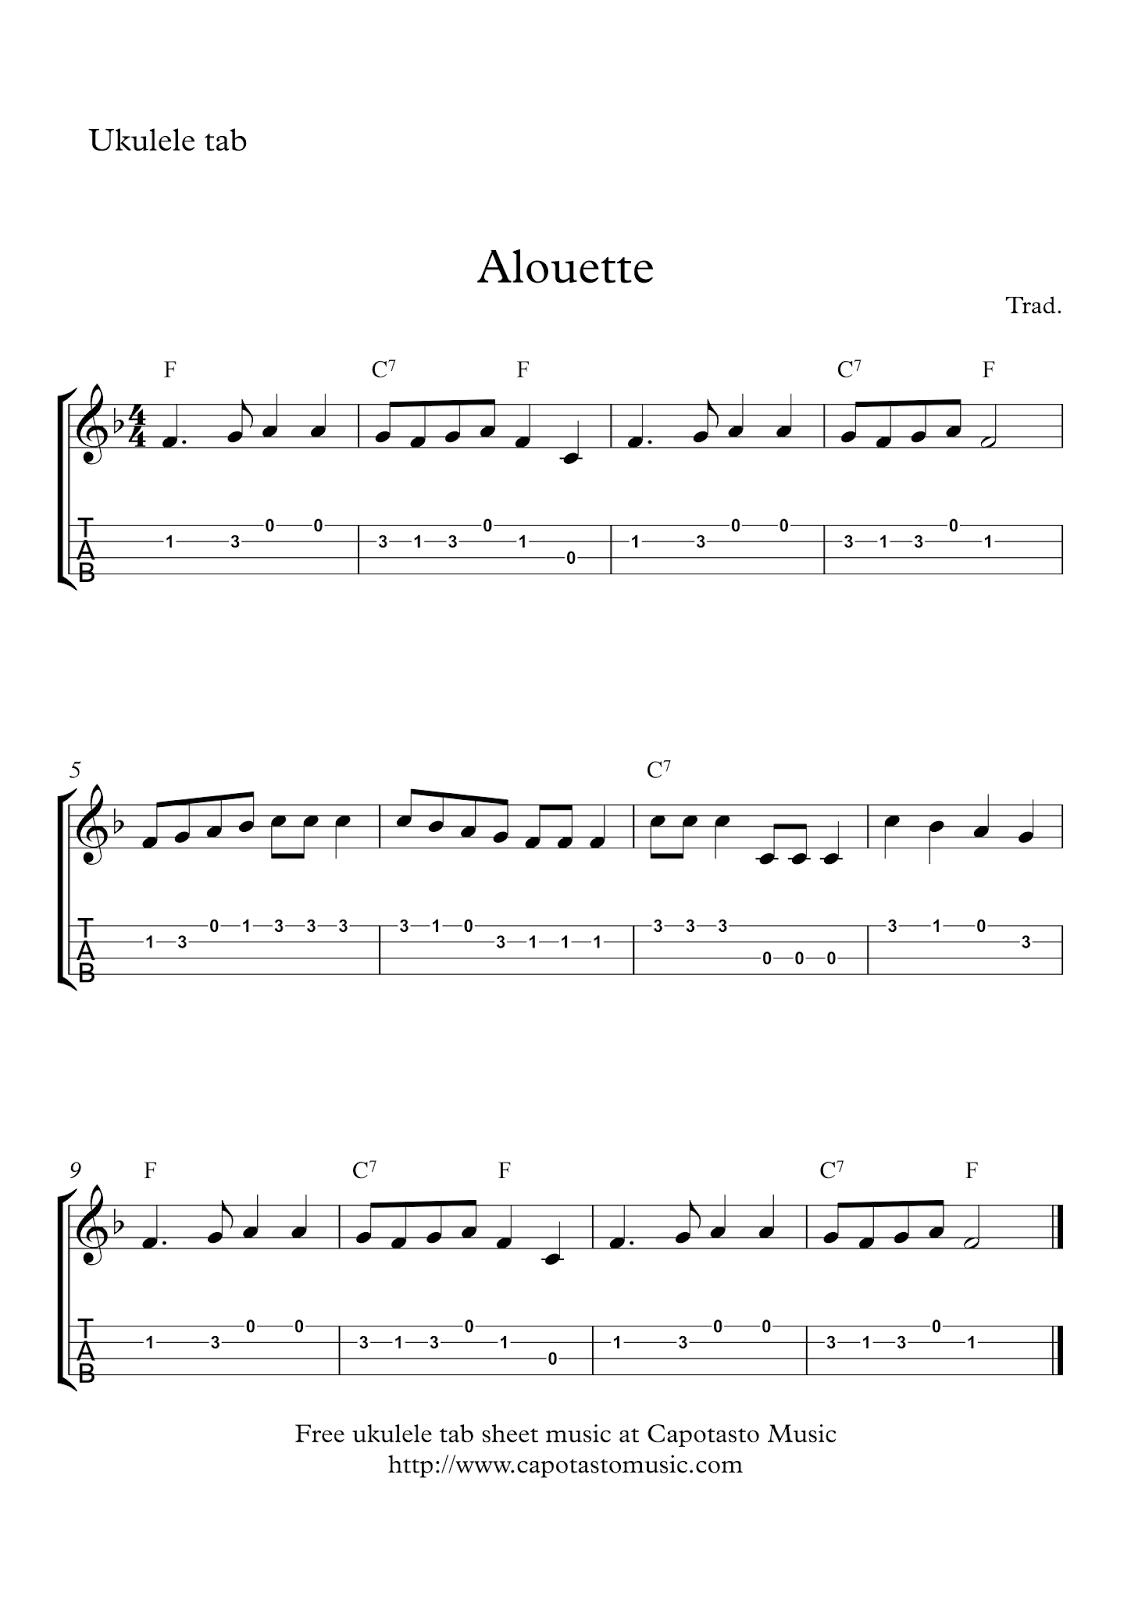 Alouette : Free easy ukulele tab sheet music